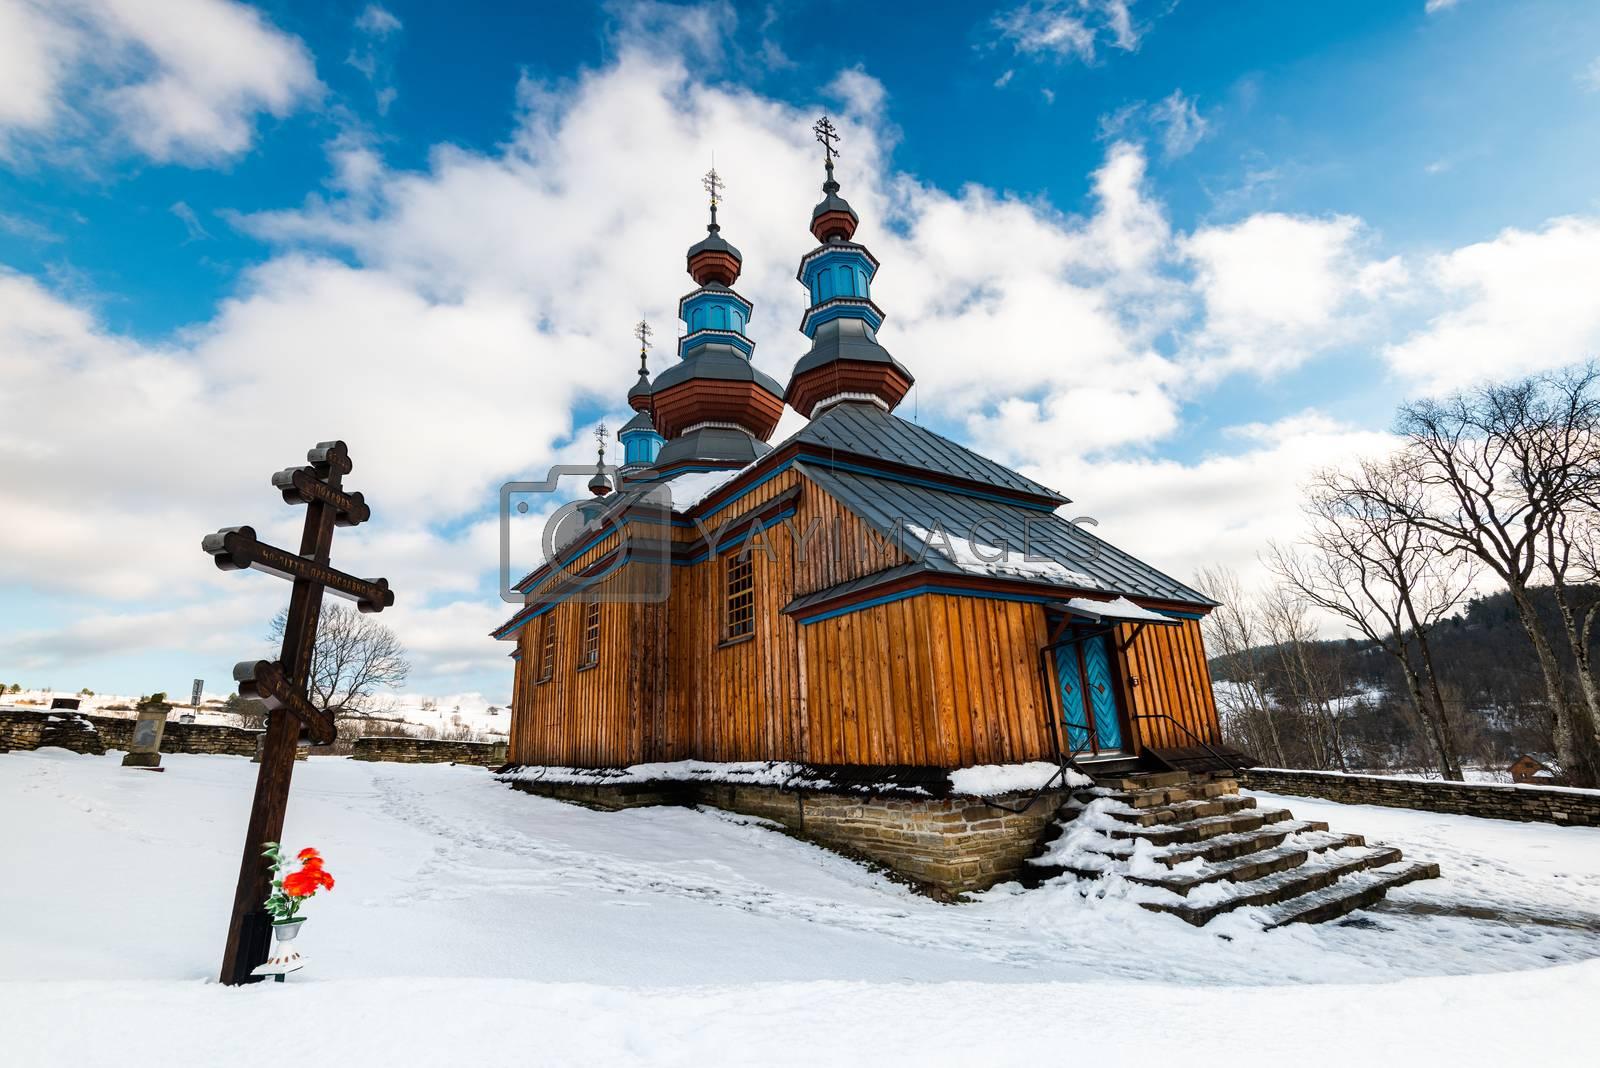 Exterior of Komancza Wooden Orthodox Church.  Bieszczady Archite by merc67